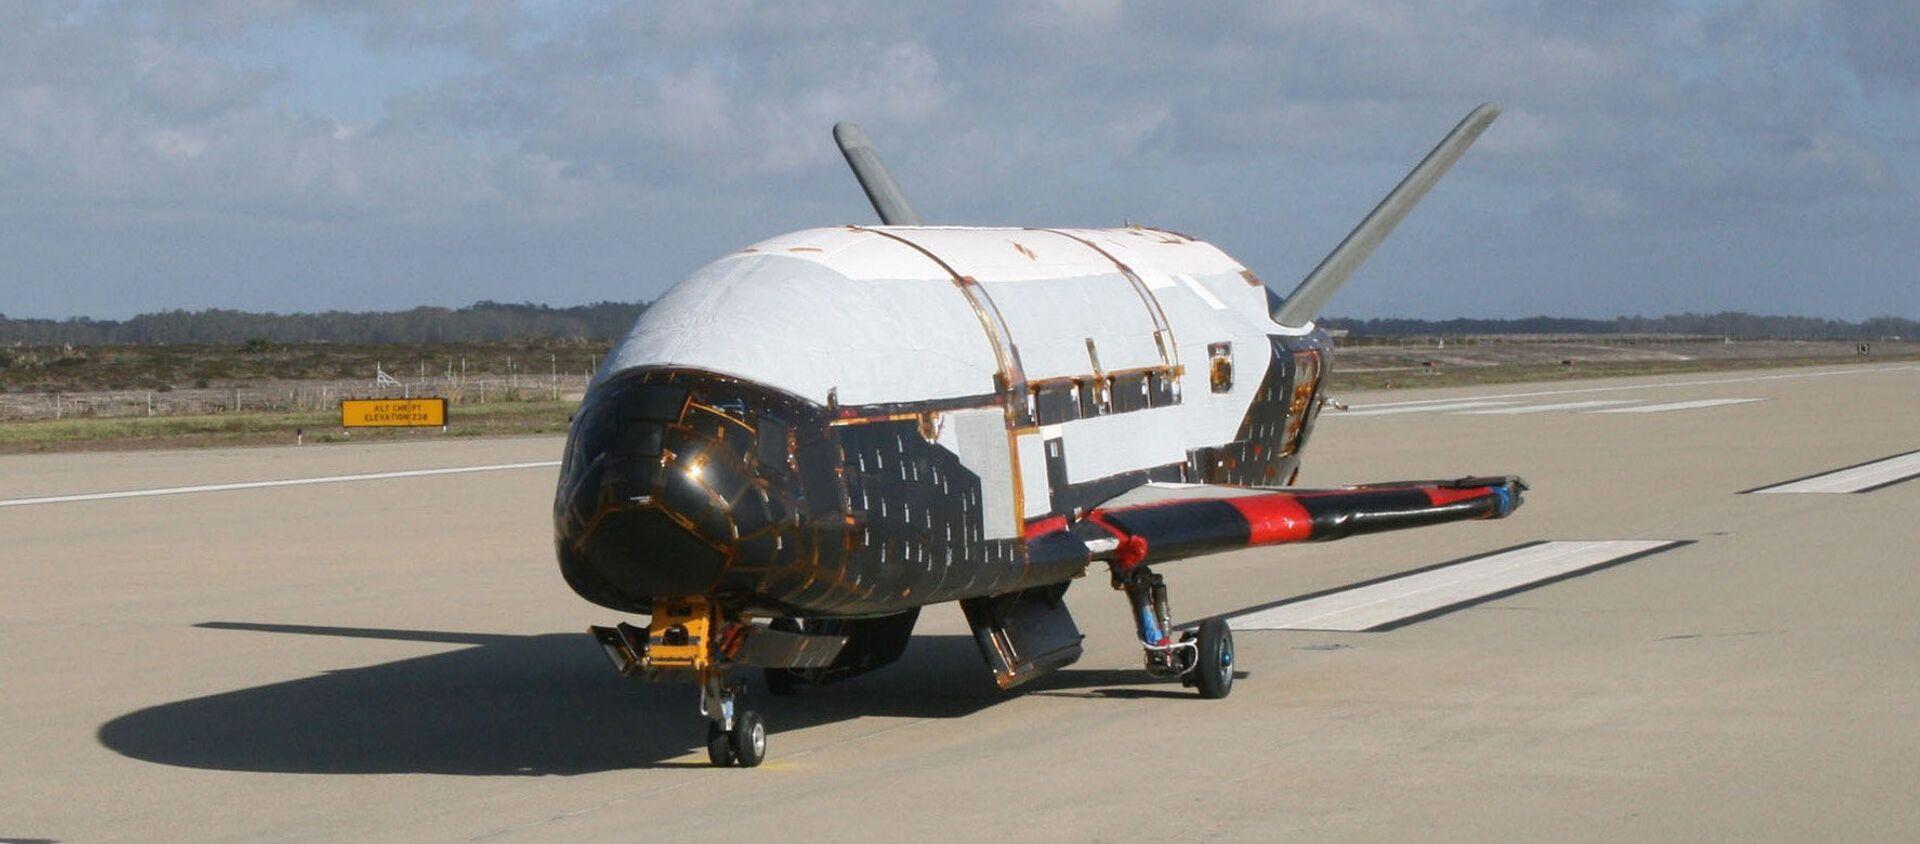 La aeronave espacial X-37B (imagen referencial) - Sputnik Mundo, 1920, 30.08.2019